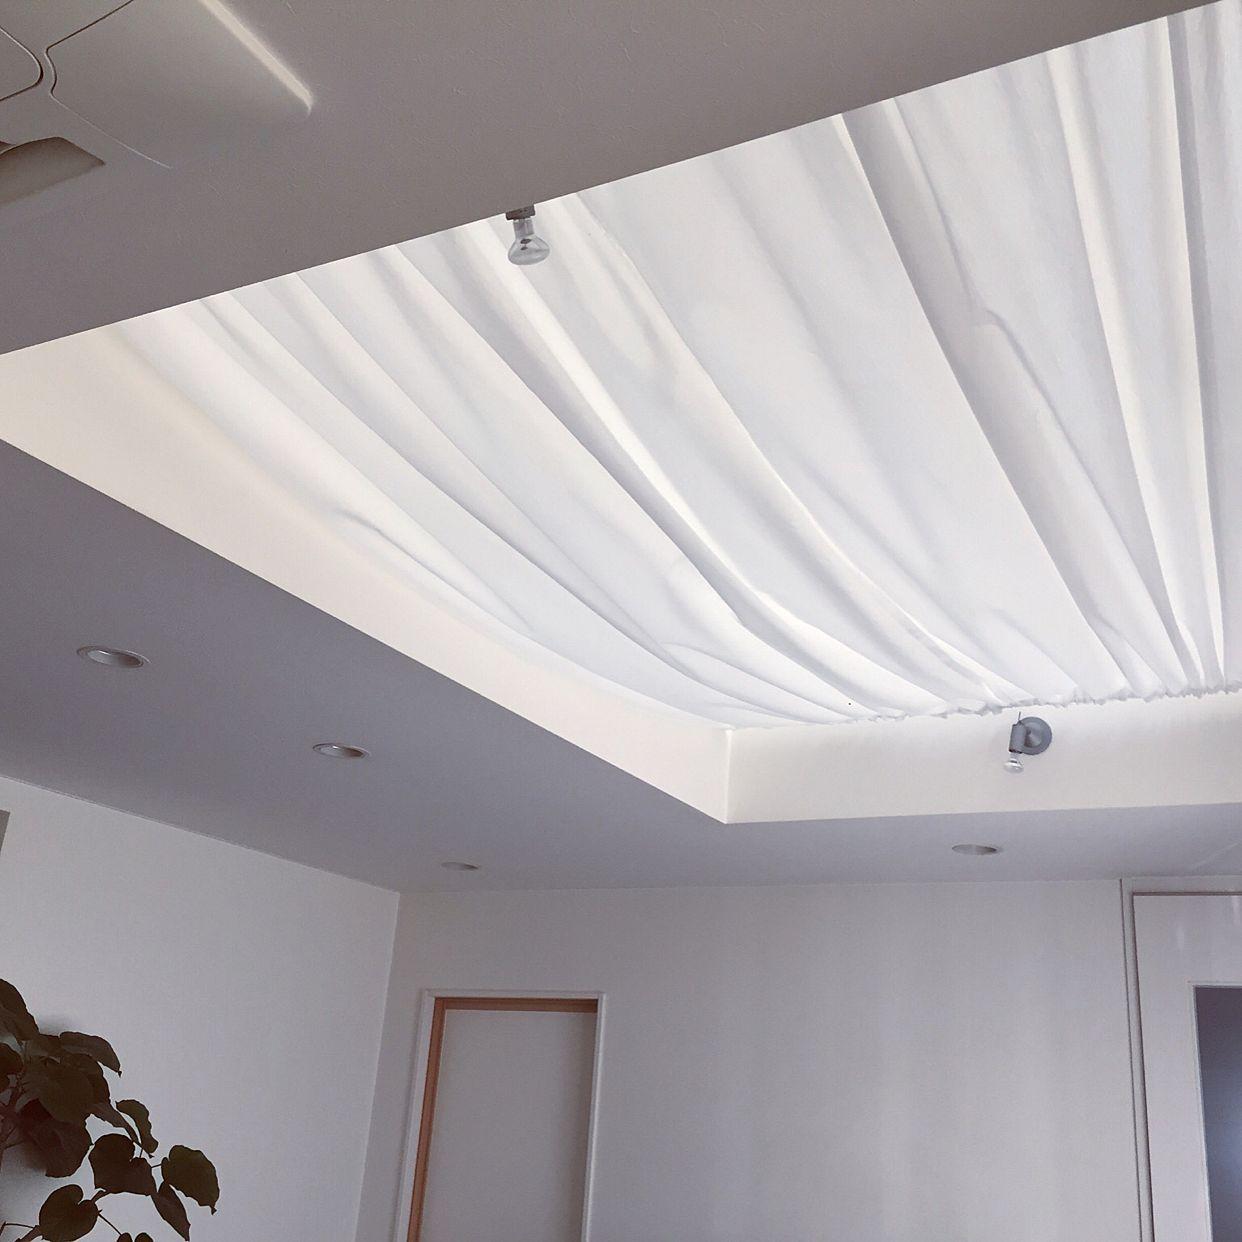 壁 天井 カーテン 吹き抜け Ikeaカーテン ウンベラータ などの